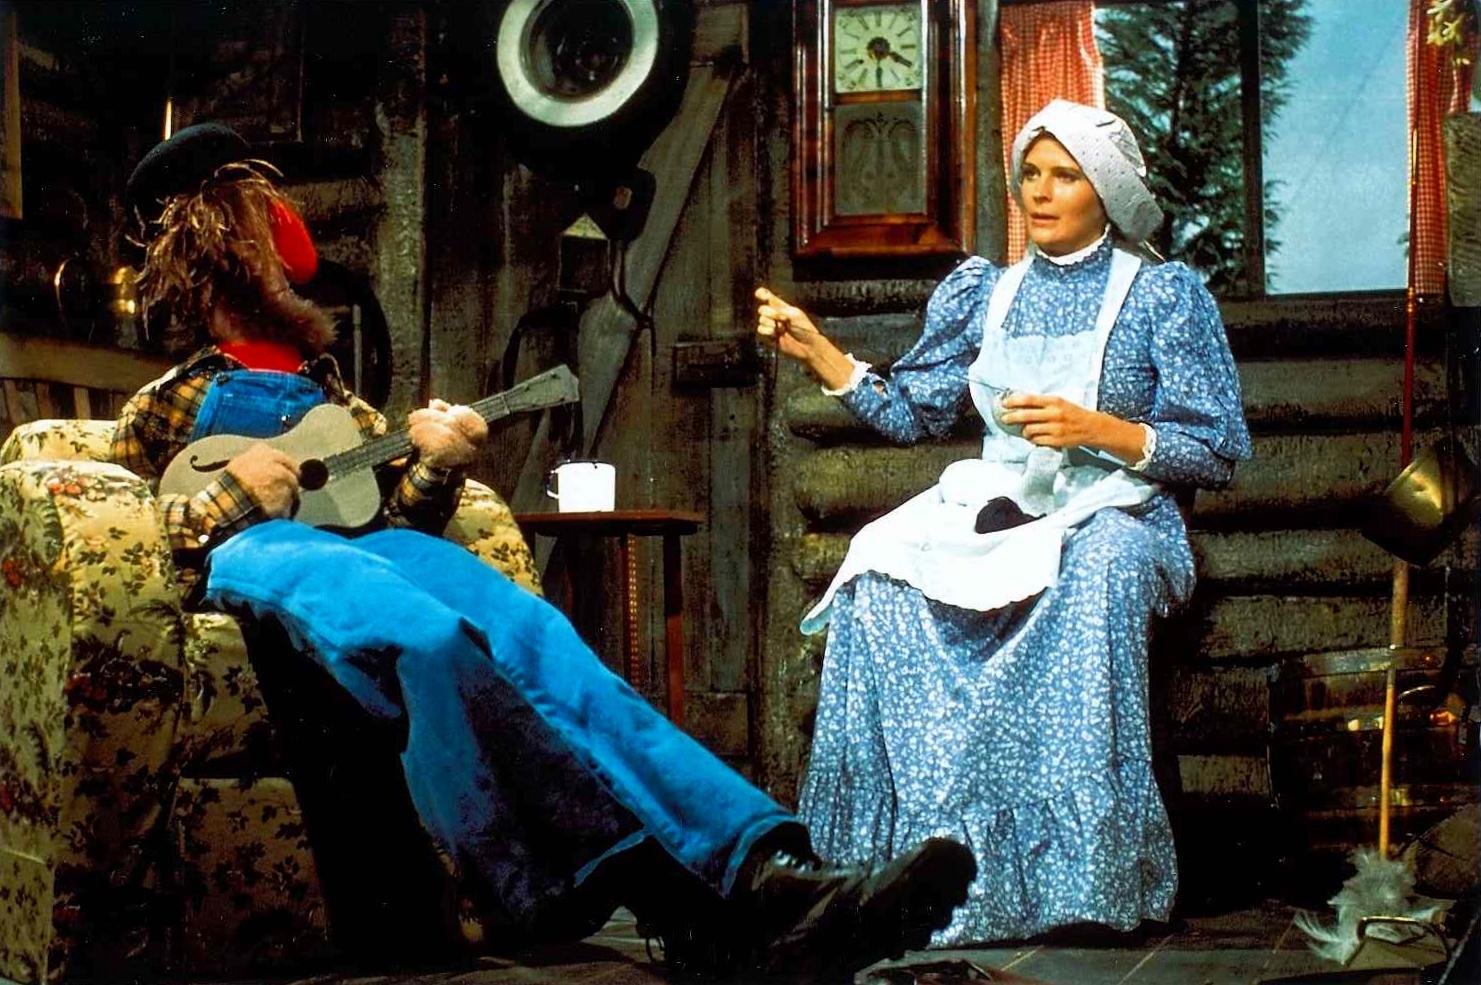 Candice Bergen muppet show